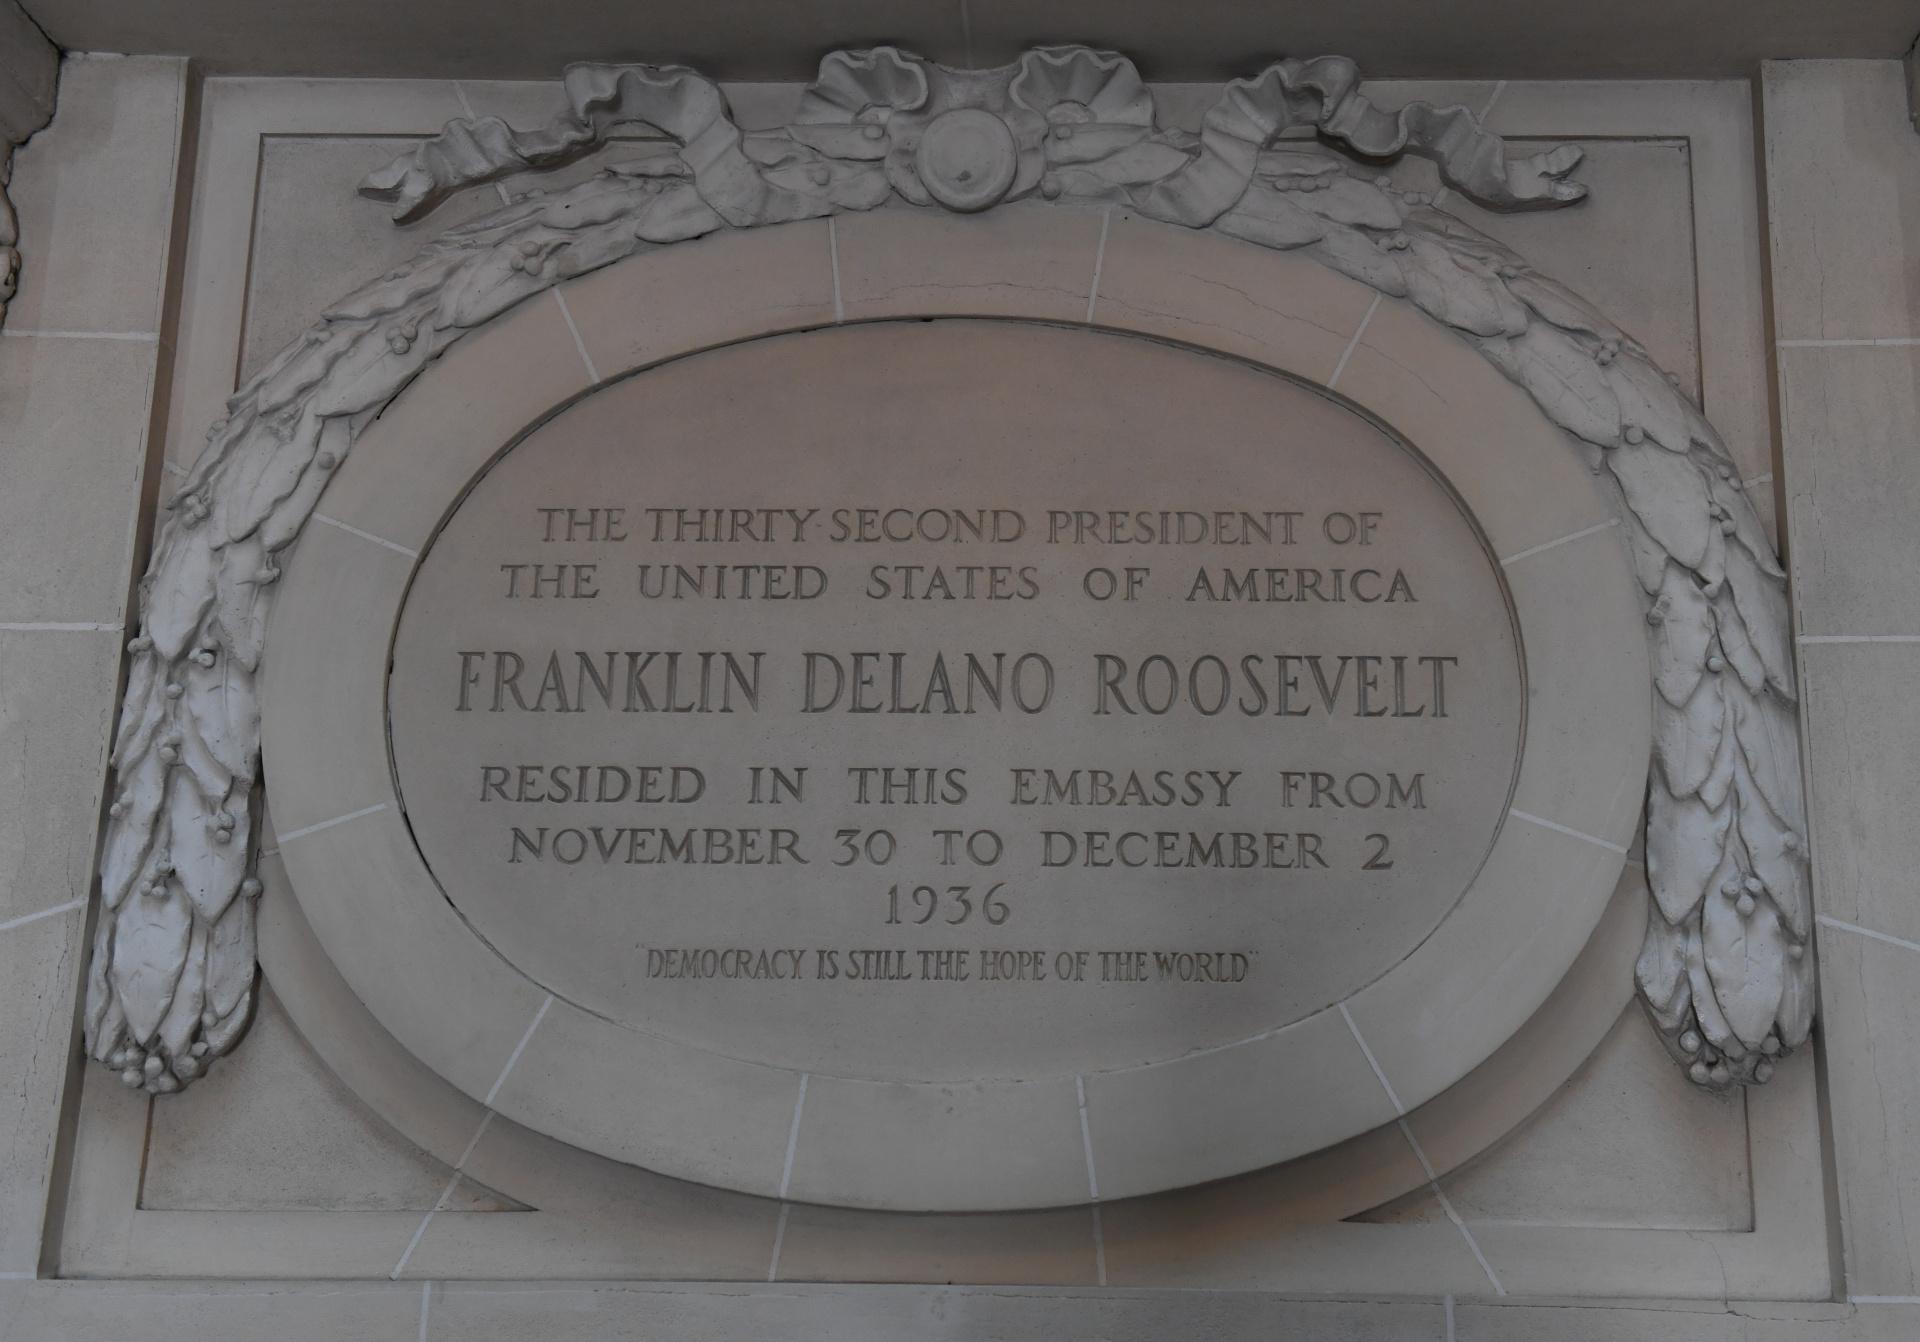 """La placa, ubicada al final de la primera parte de la escalera, da la bienvenida a los visitantes . """"El 32° presidente de los Estados Unidos de América, Franklin Delano Roosevelt, vivió en la embajada desde el 30 de noviembre hasta el 2 de diciembre de 1936. La democracia es la esperanza del mundo"""", dice la leyenda escrita sobre piedra París"""